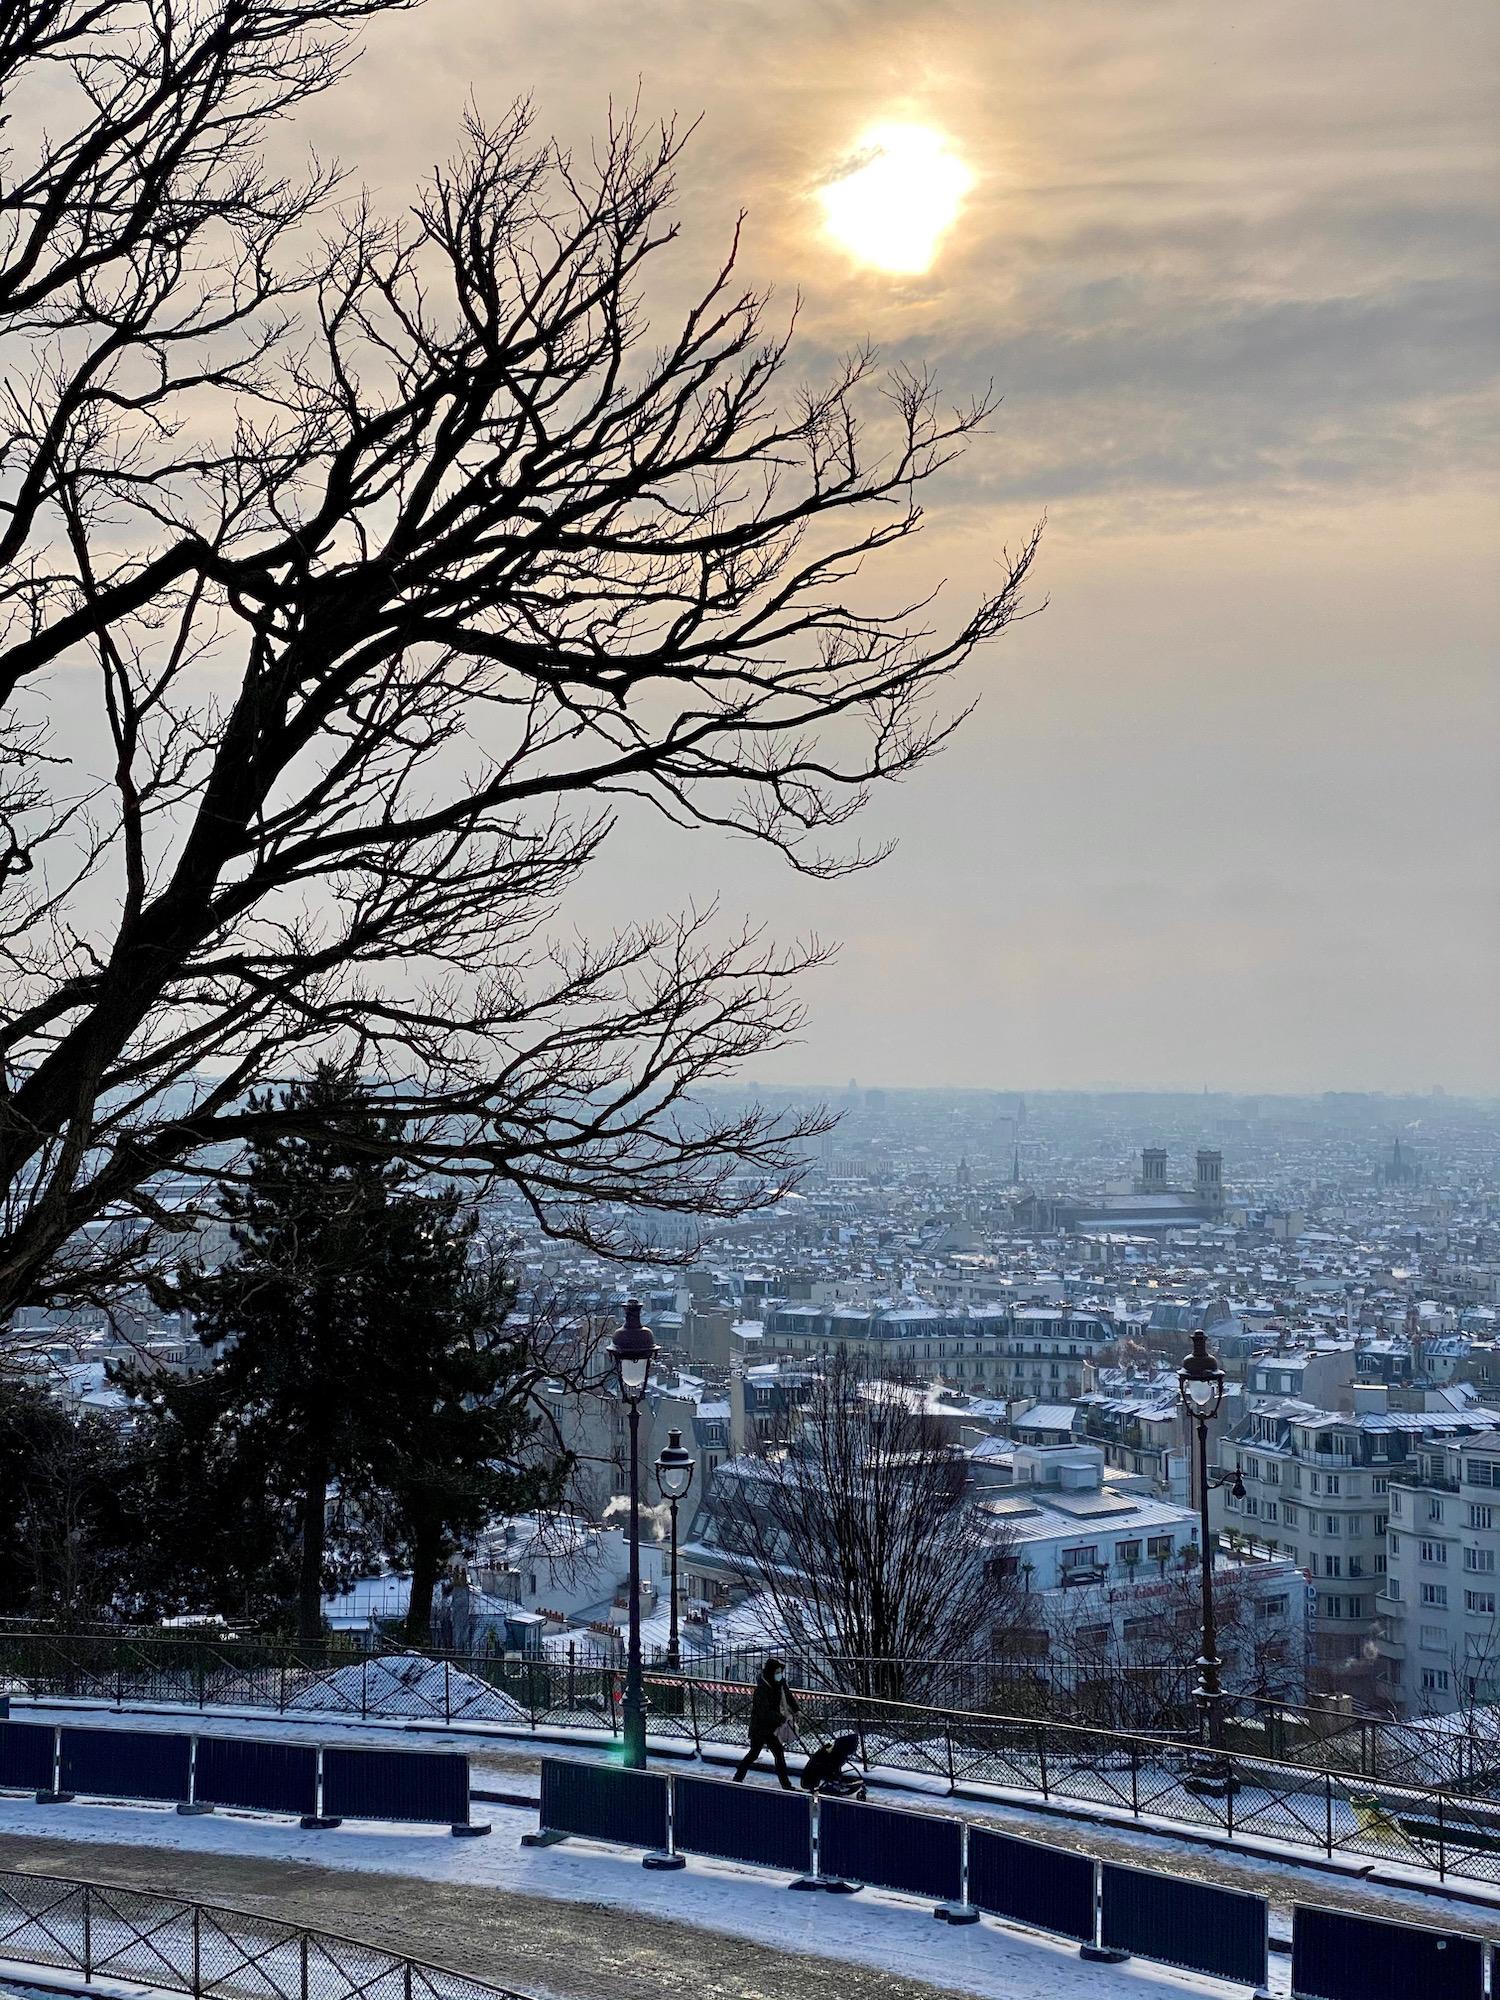 winter sky in montmartre